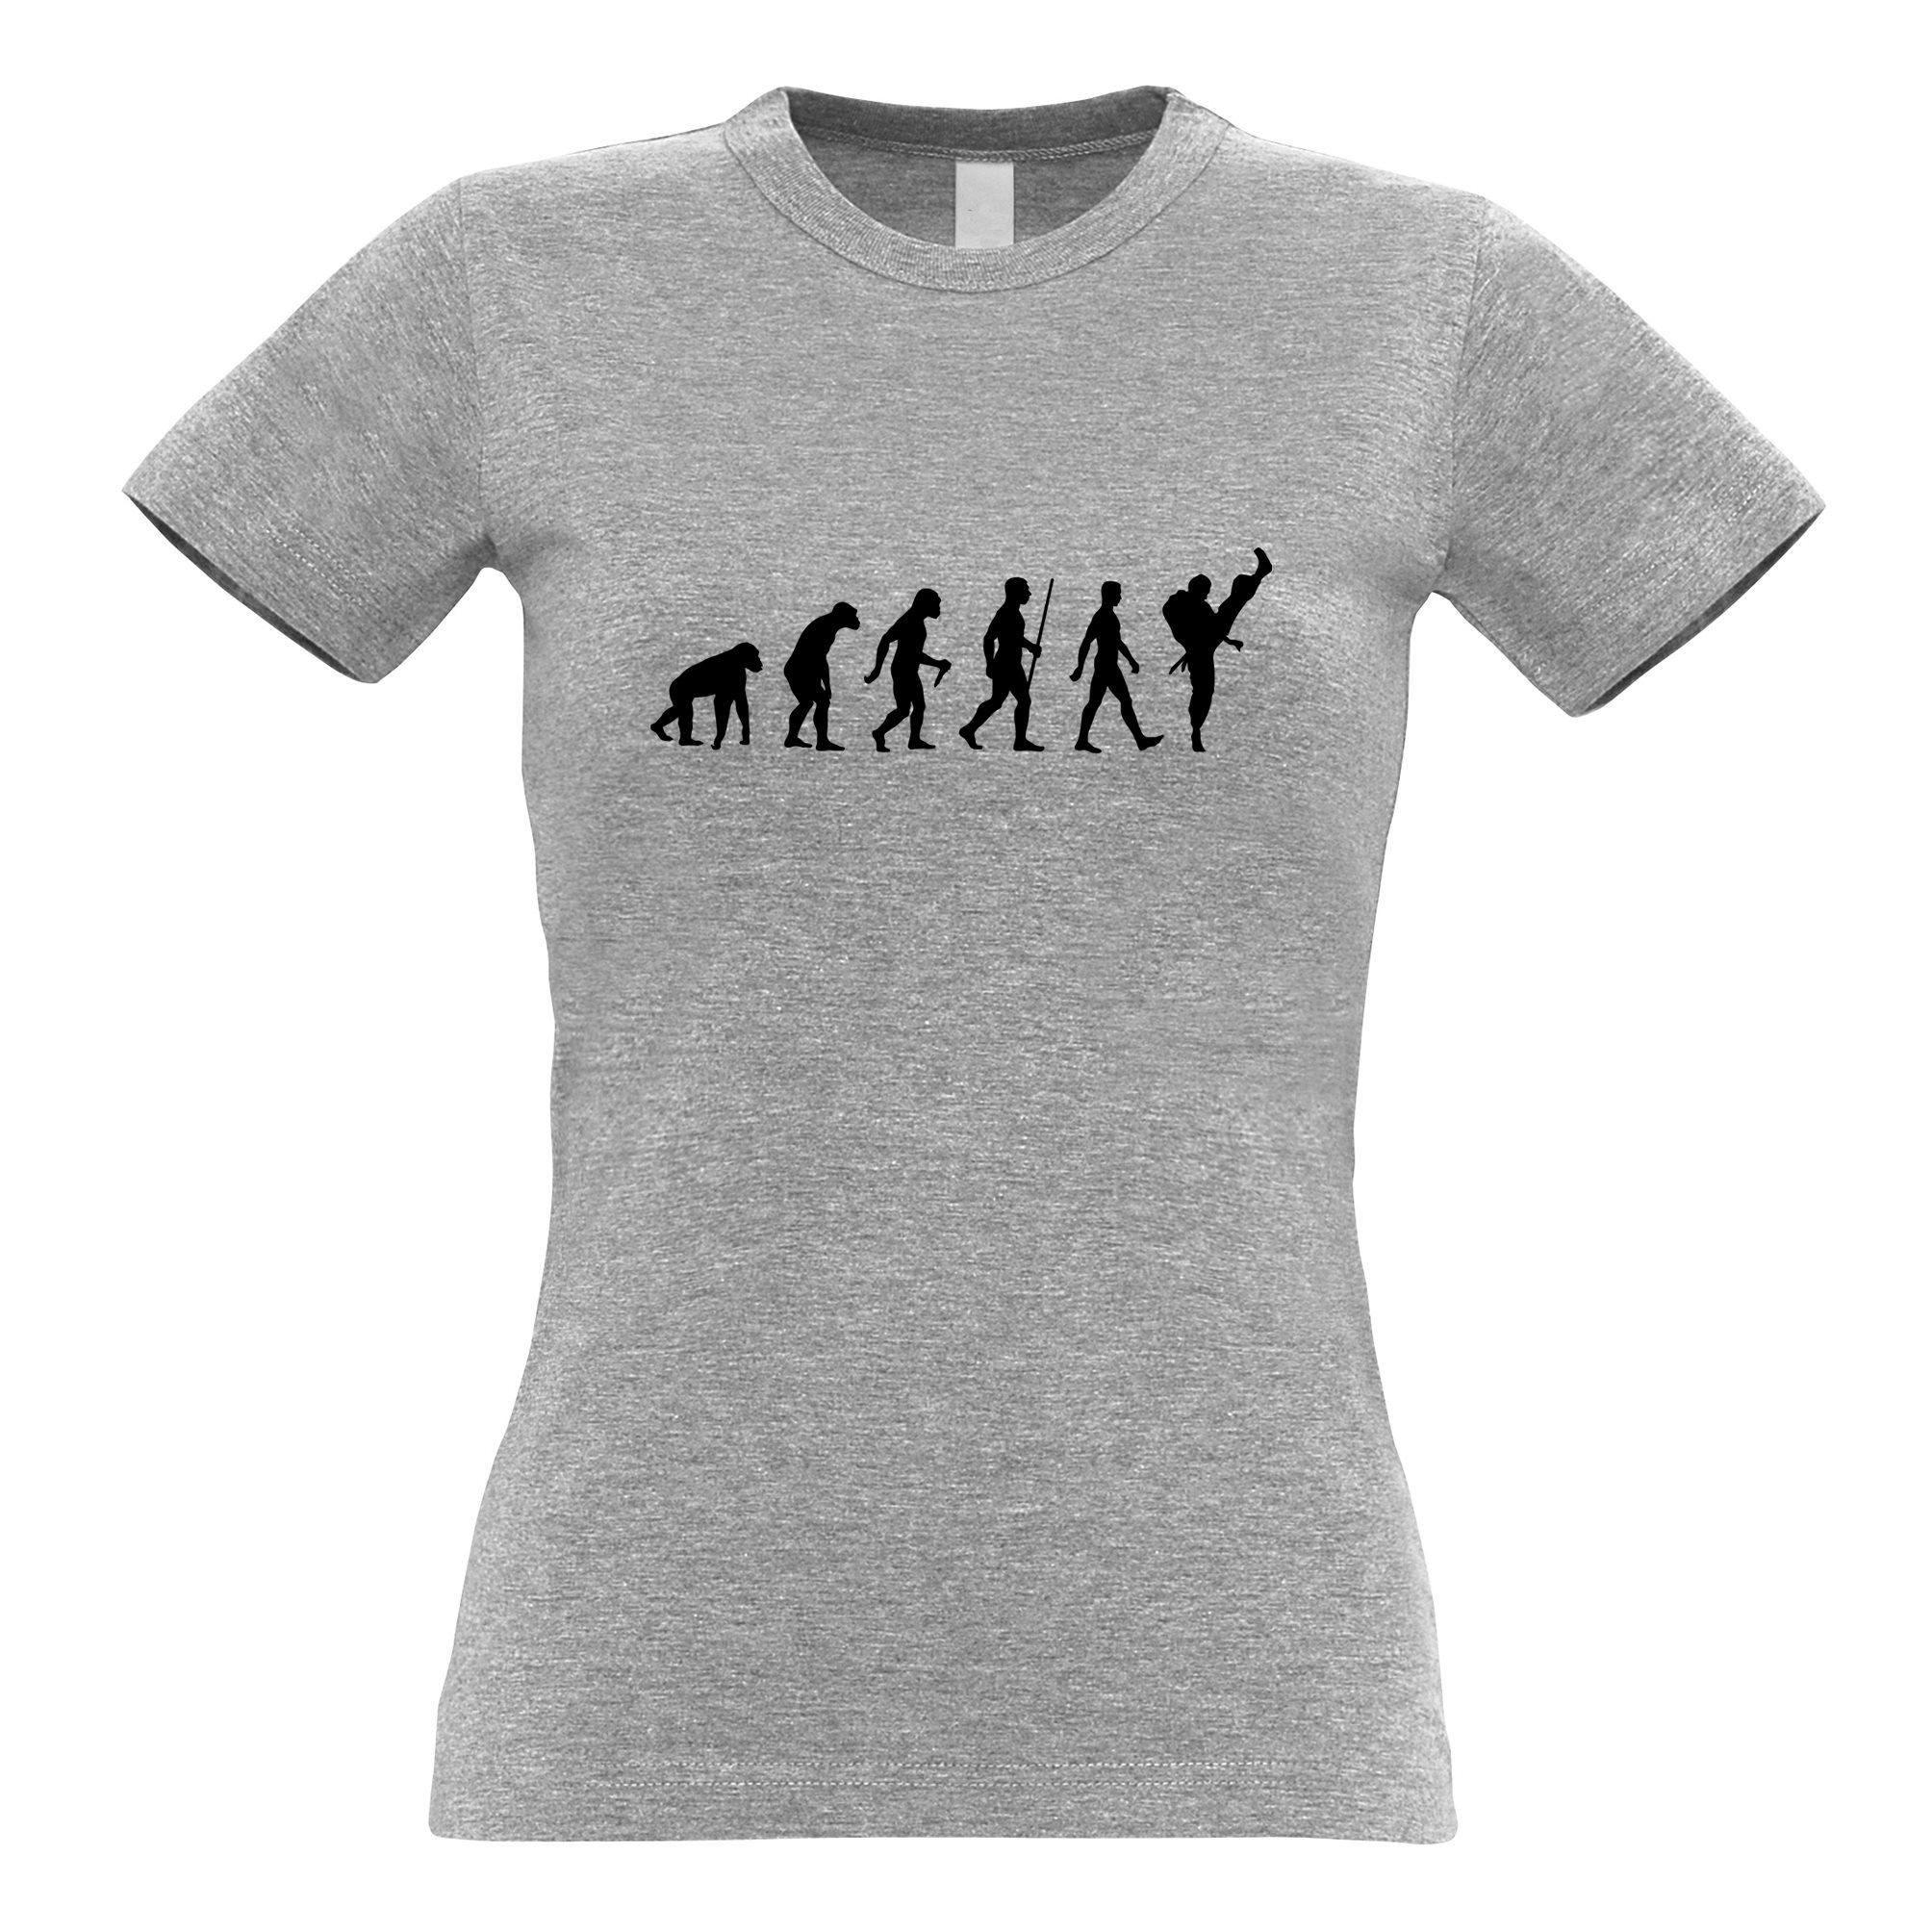 Black t shirt ebay - Evolution Of Karate Dojo Martial Arts Self Defence